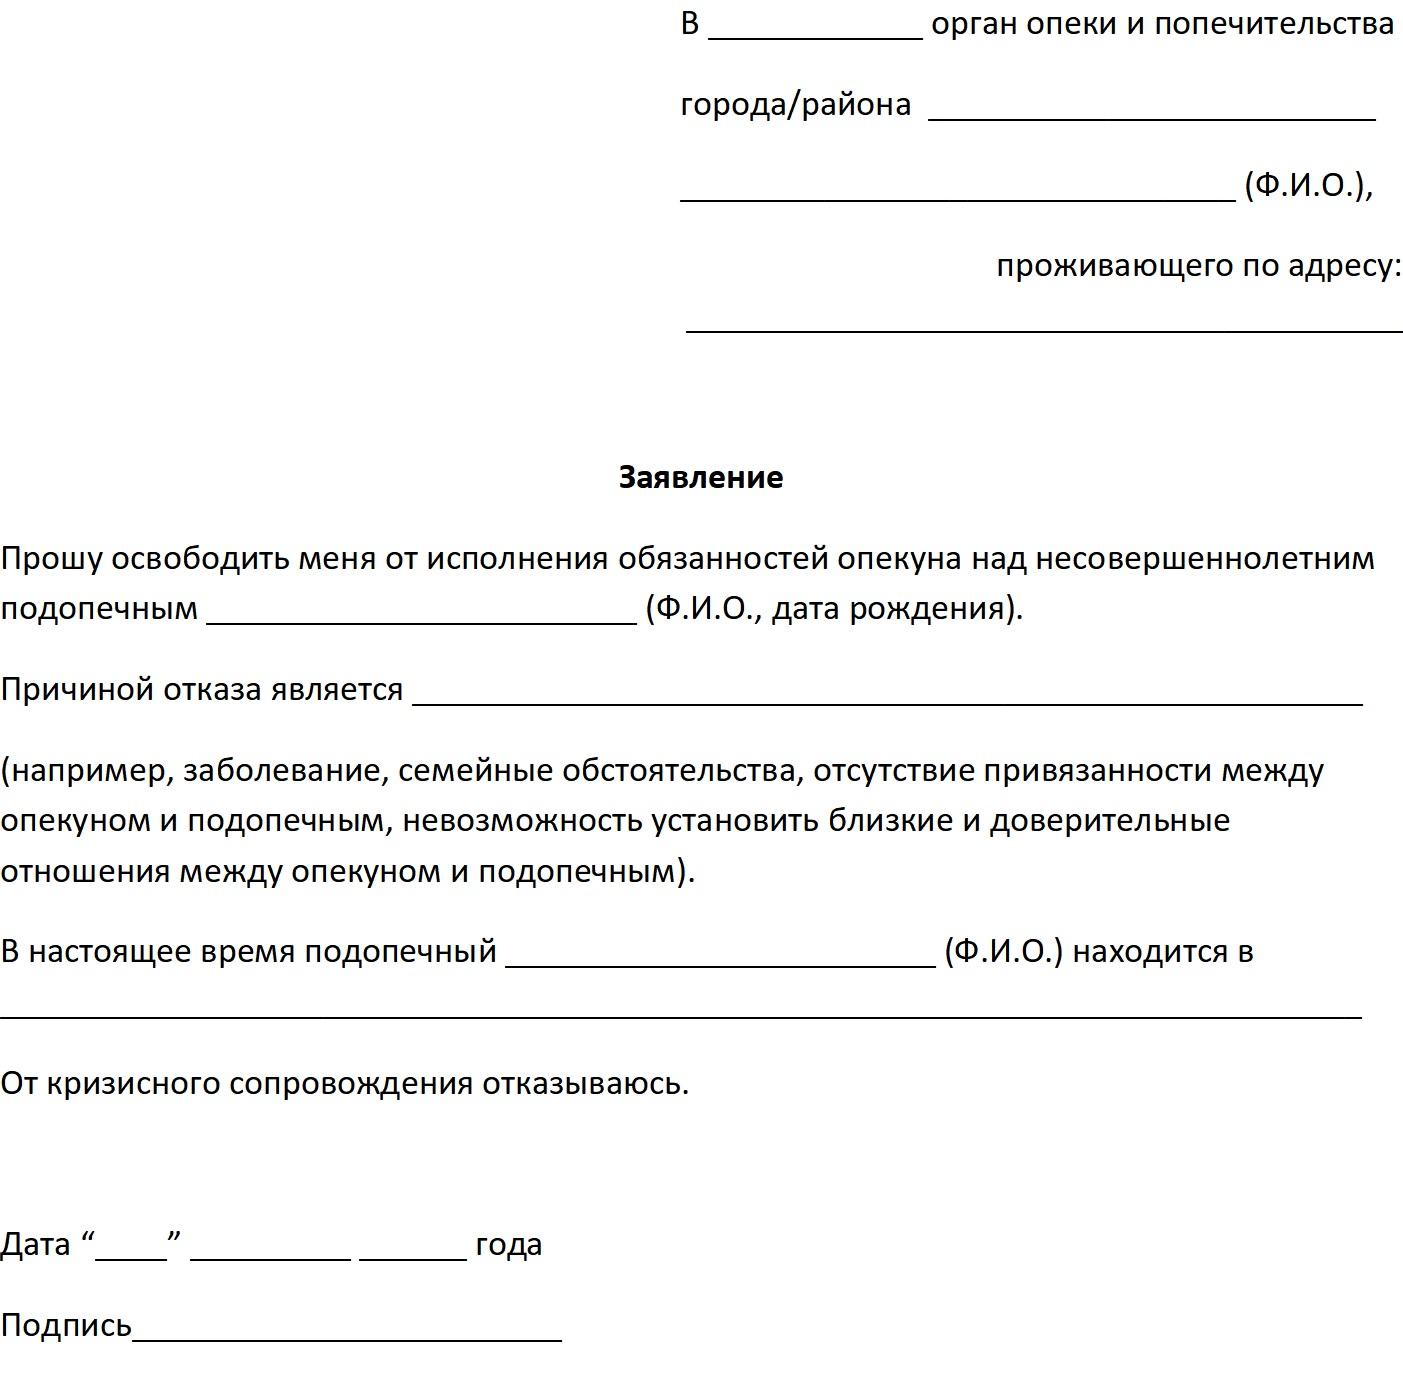 Договор об осуществлении опеки над несовершеннолетним гражданином (примерная форма)